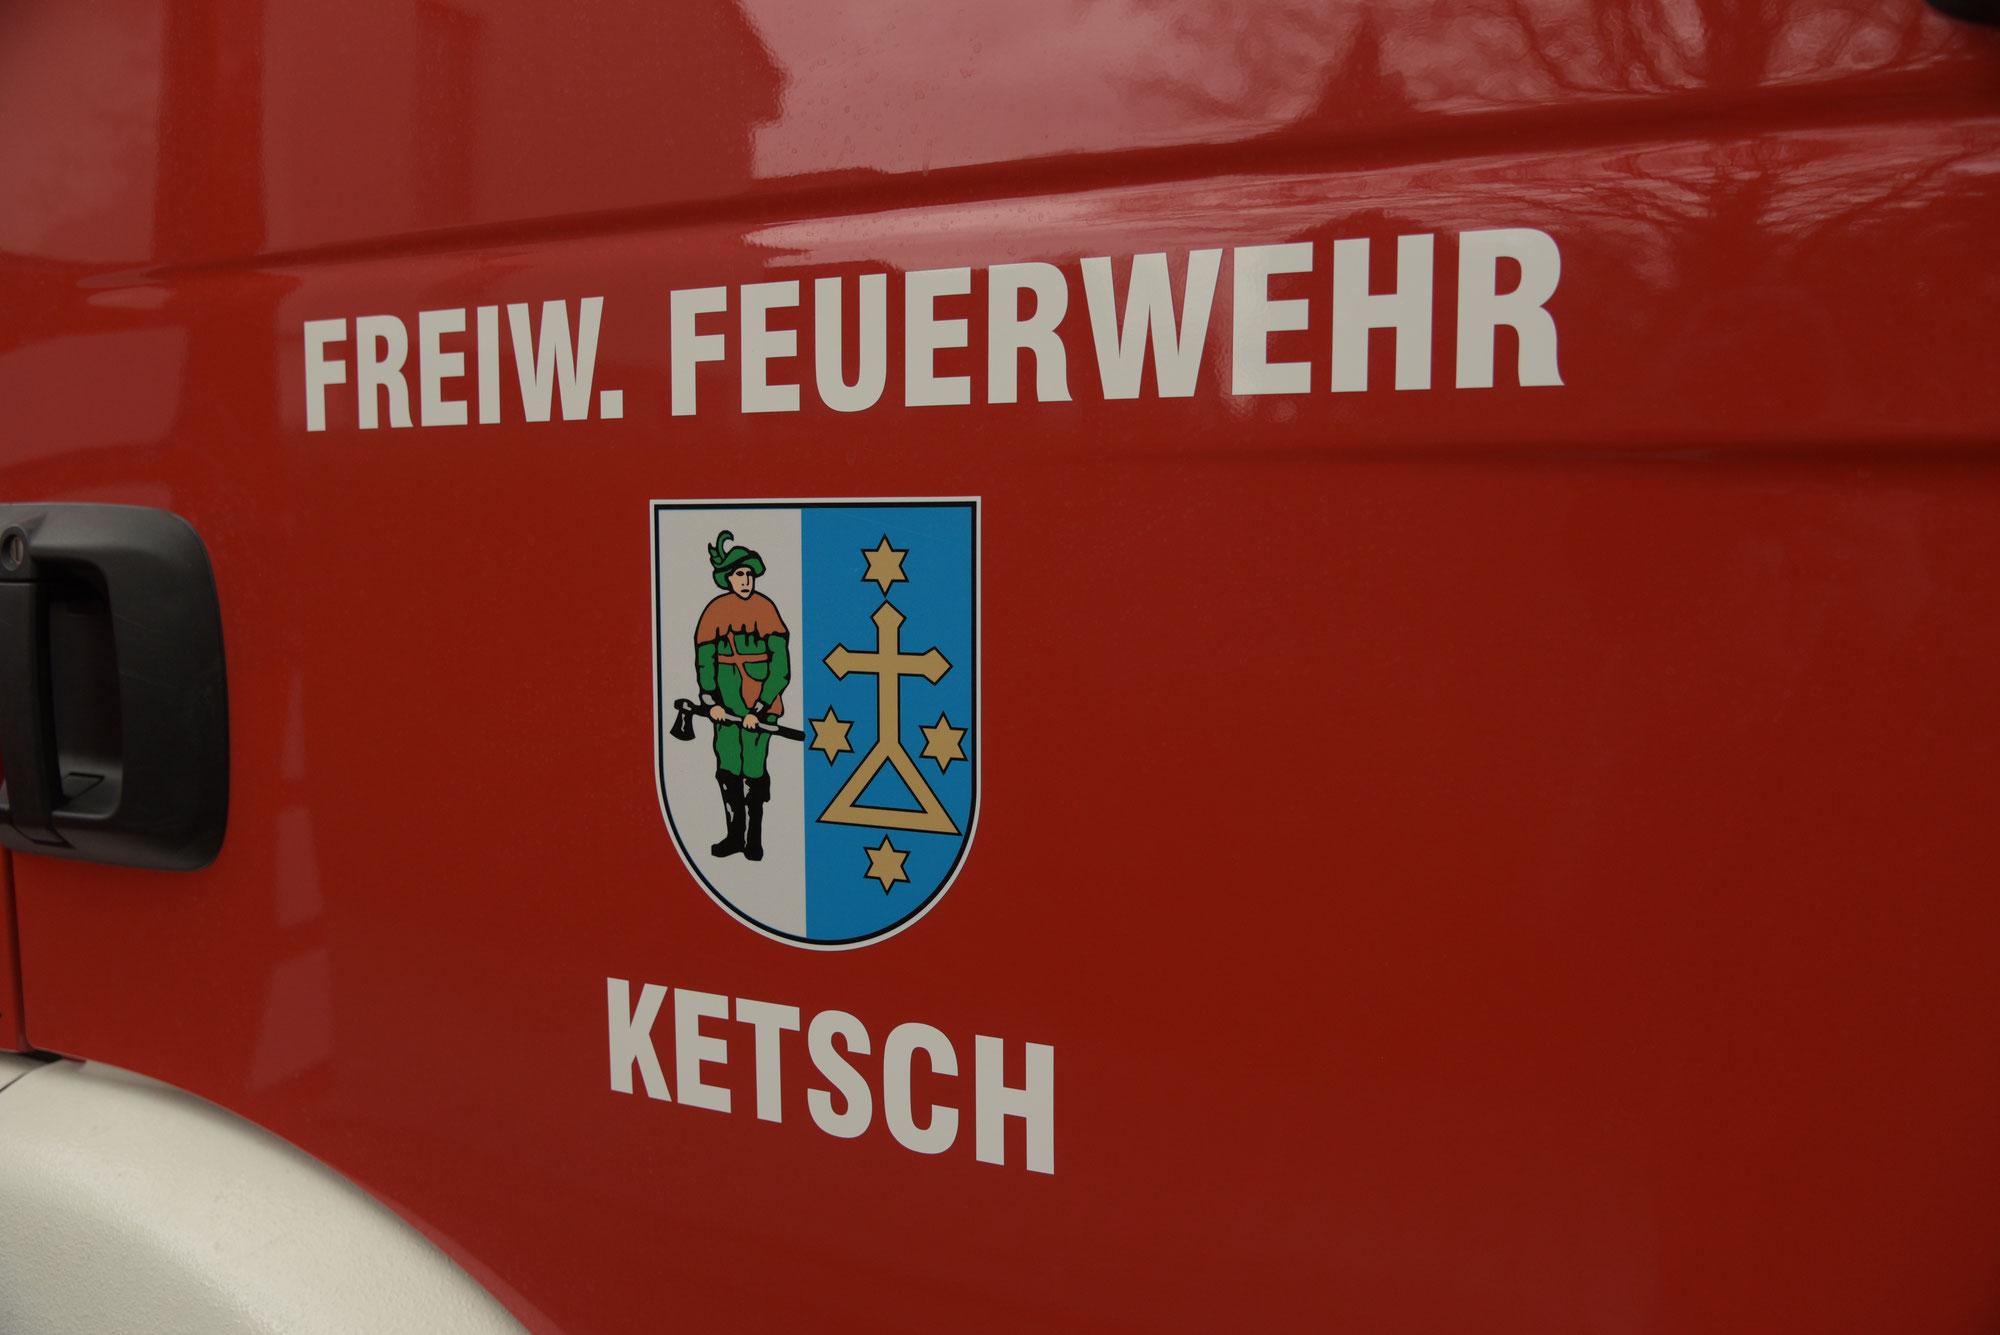 Ketsch/Rhein-Neckar-Kreis: Klettergerüst auf Spielplatz in Brand gesetzt - Polizei sucht Zeugen